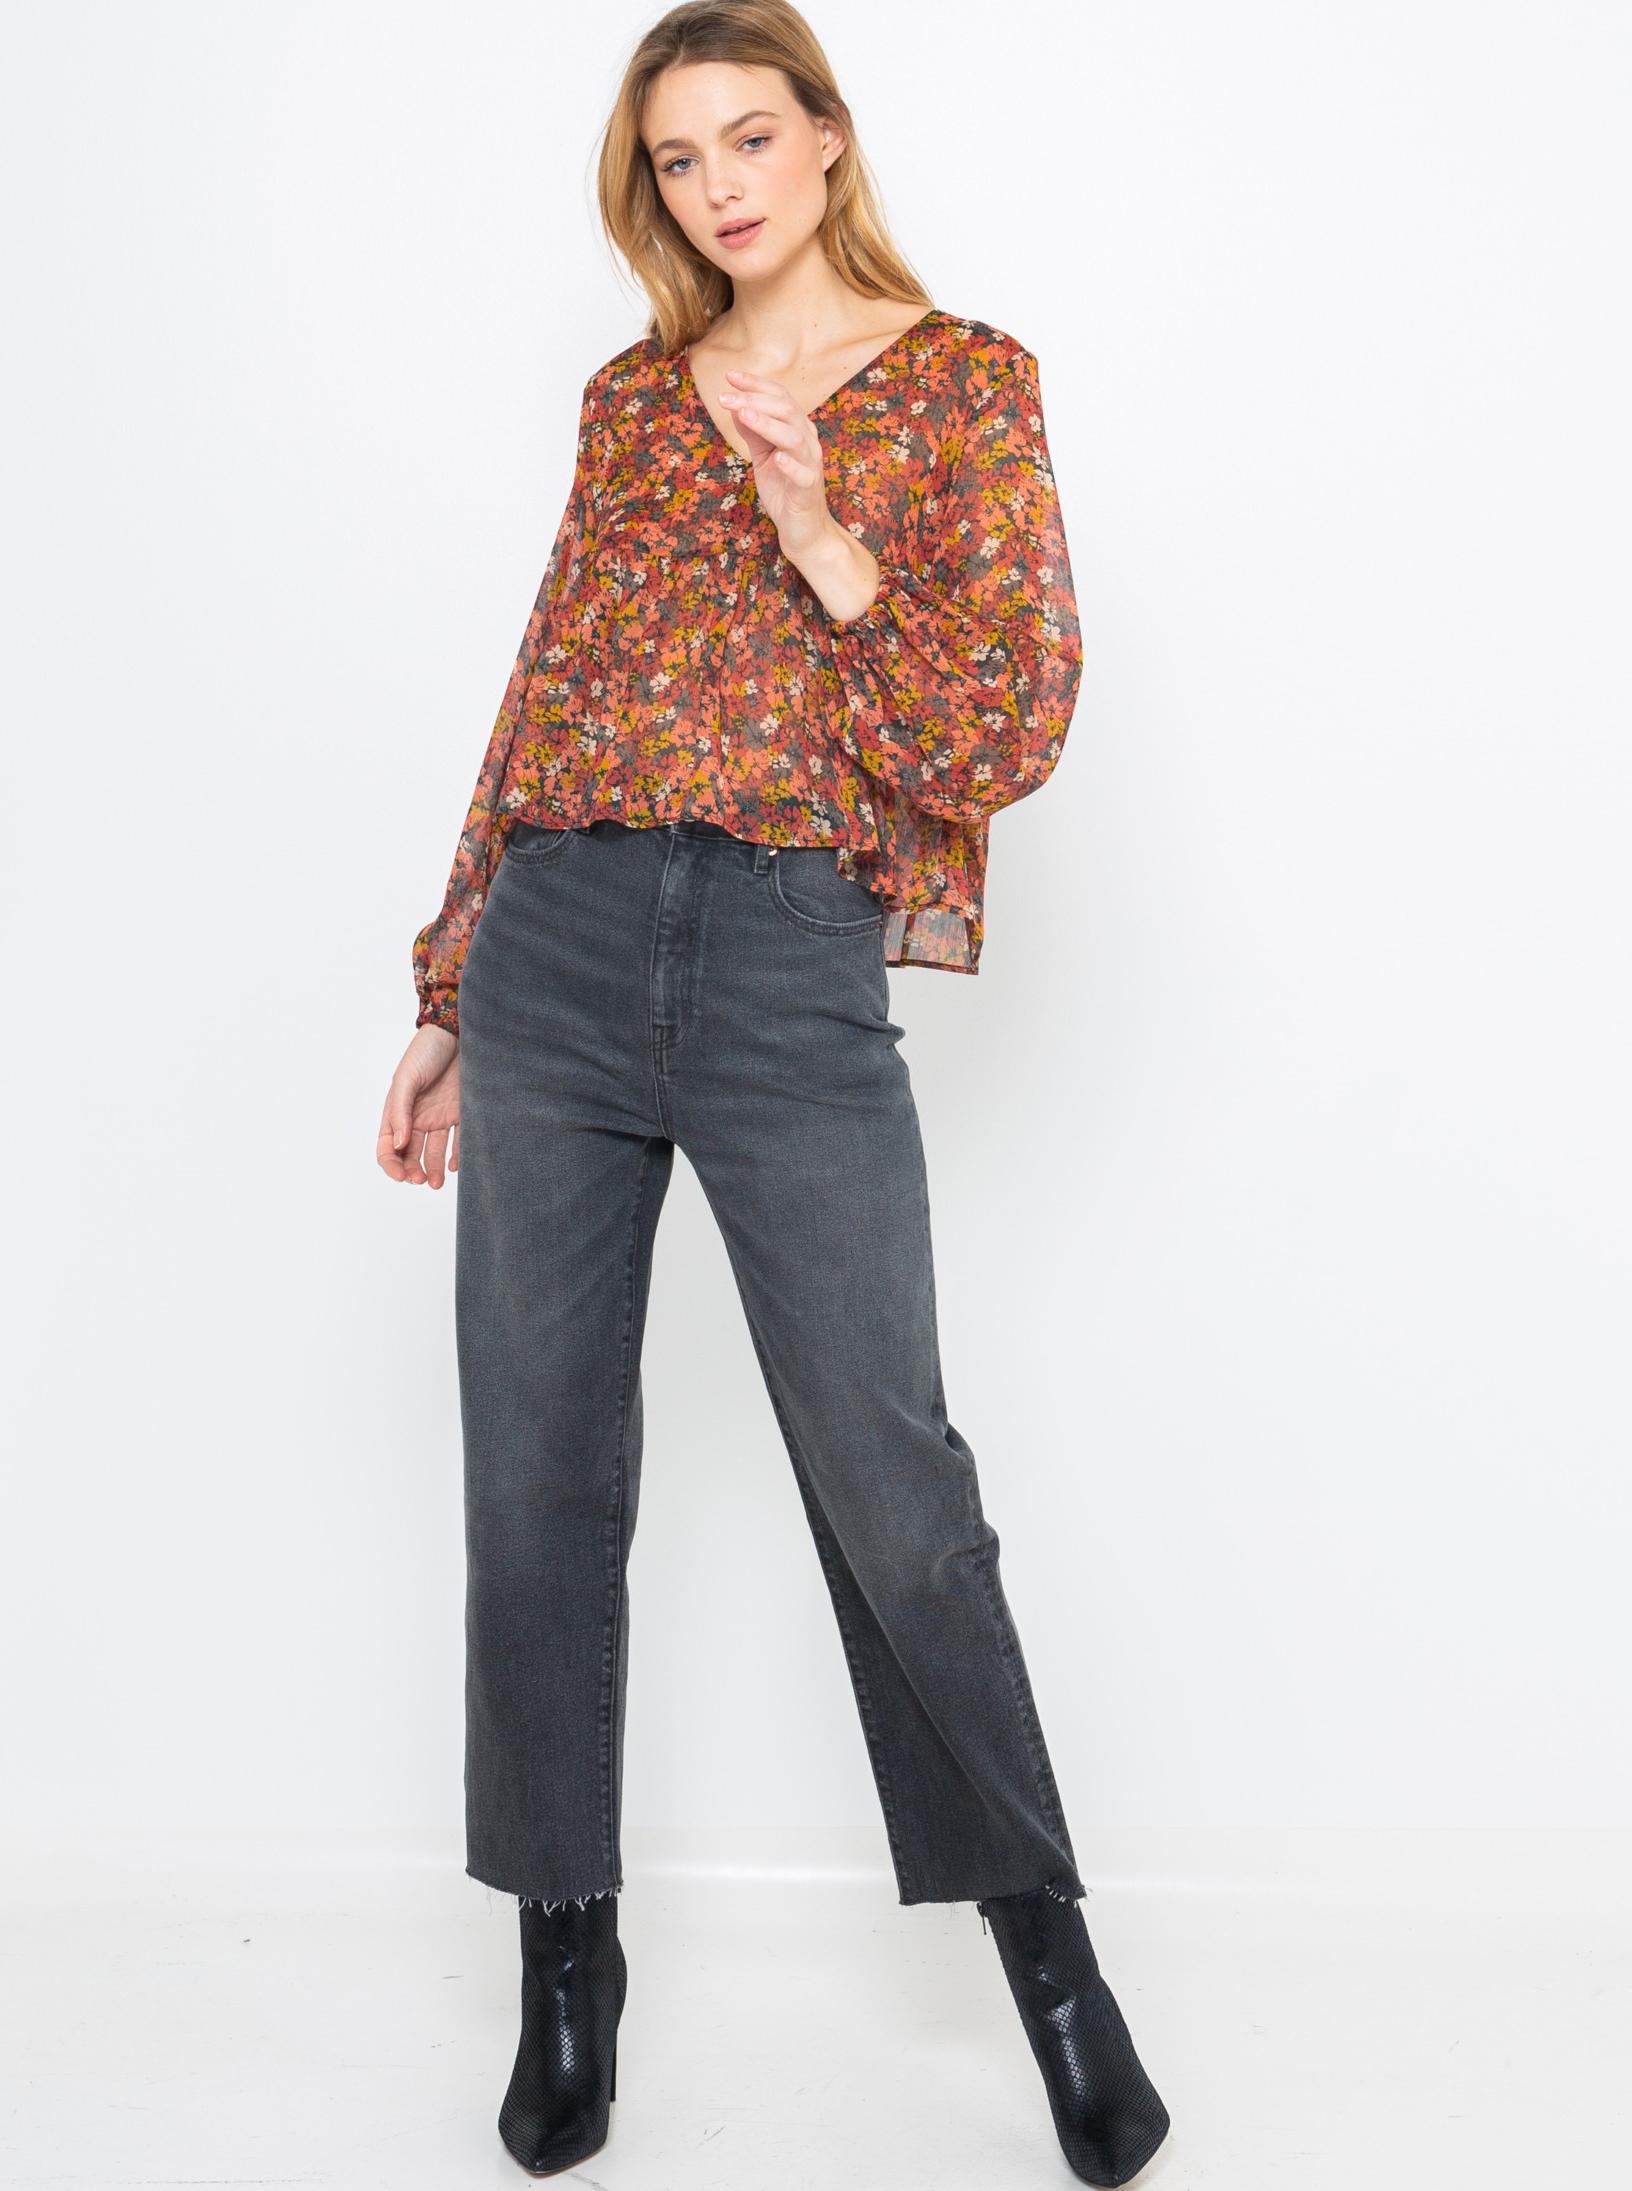 CAMAIEU blouse with floral motif